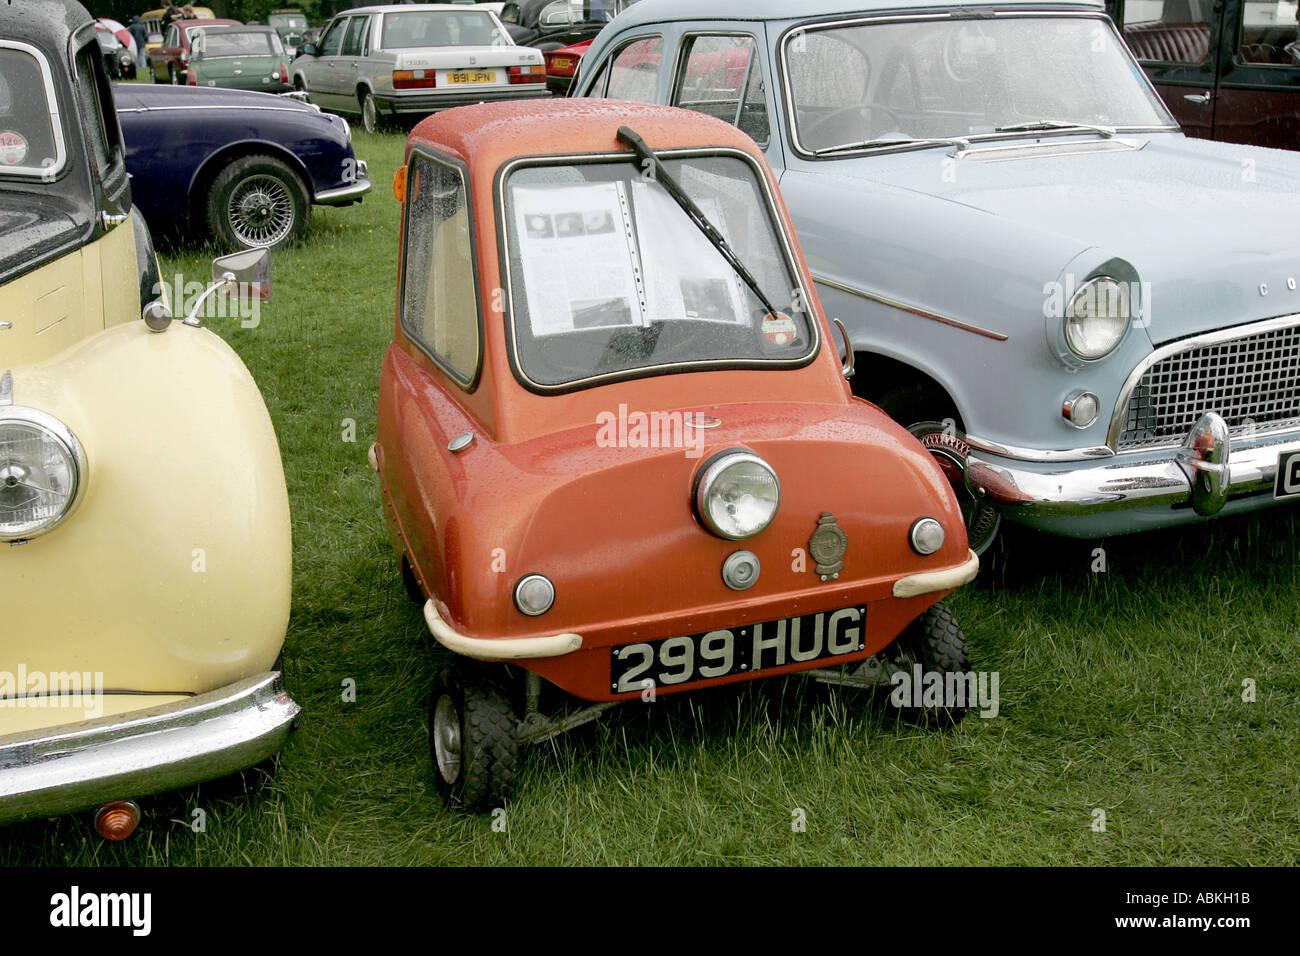 alte kleine winzige Auto klassische Geschichte Fahrzeug Vintage ...